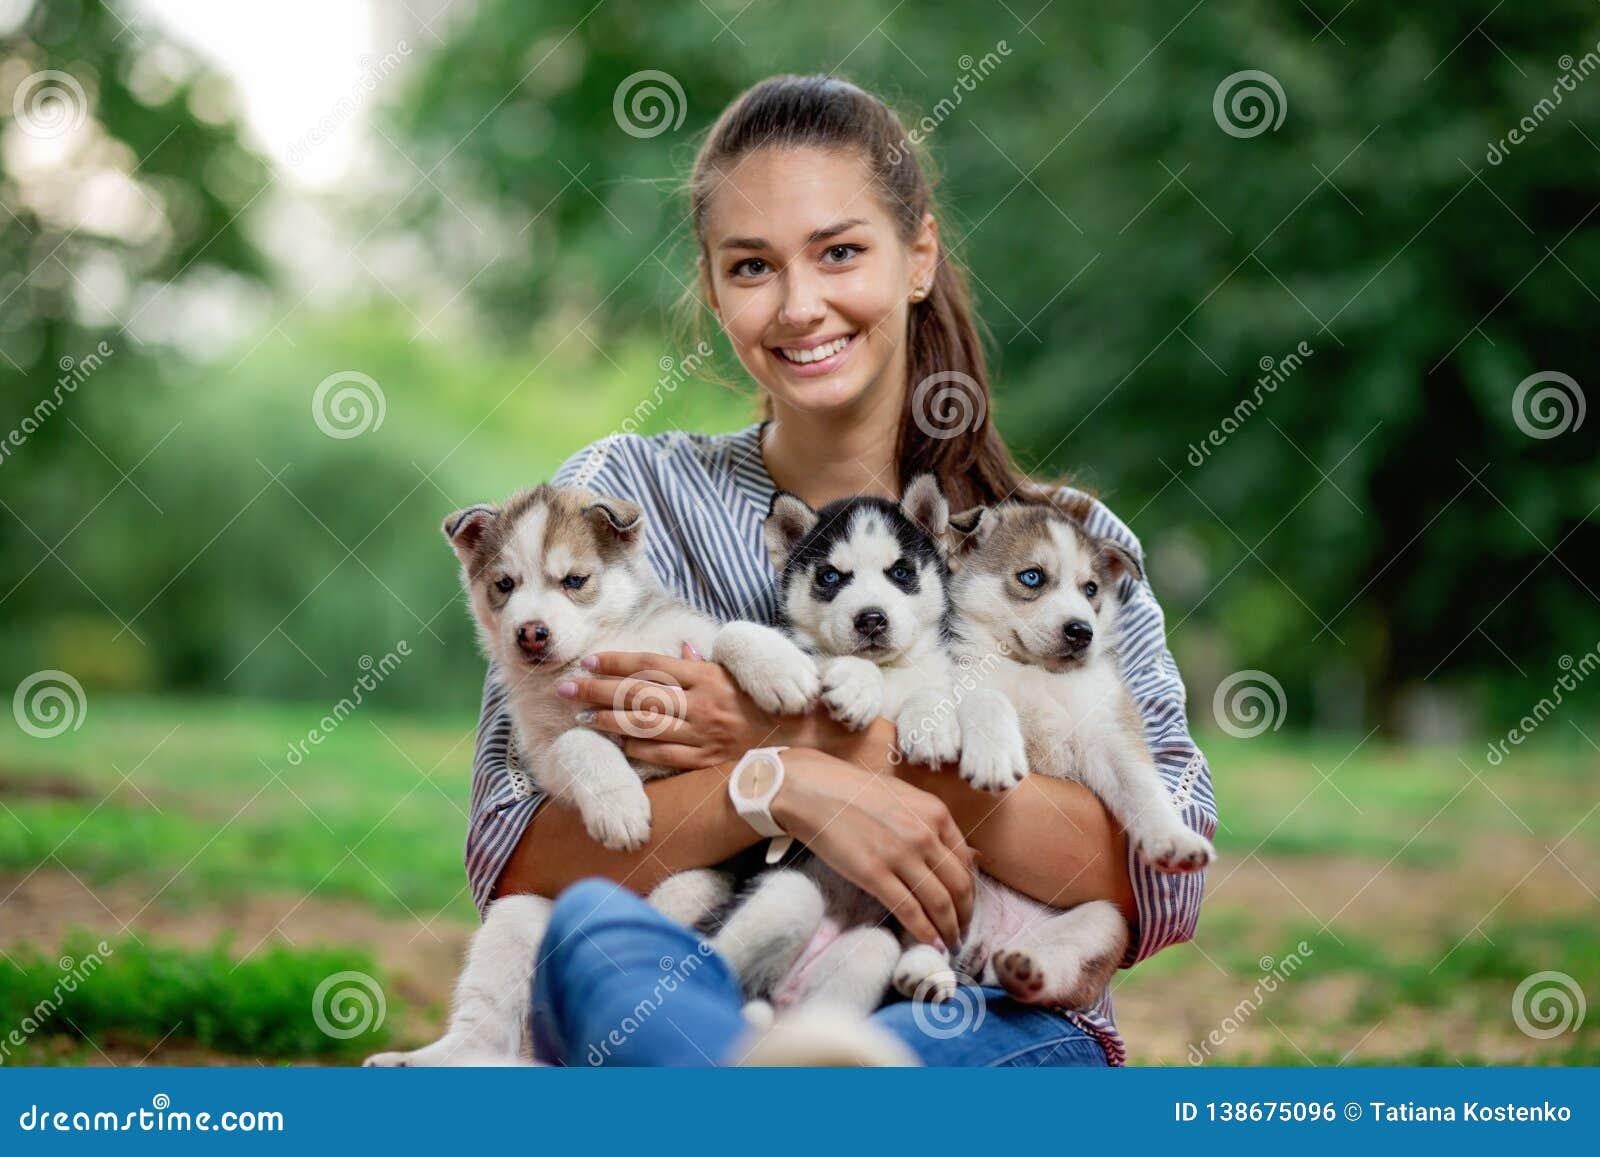 Красивая усмехаясь женщина с ponytail и носить striped рубашку держит 3 сладких сиплых щенят на лужайке